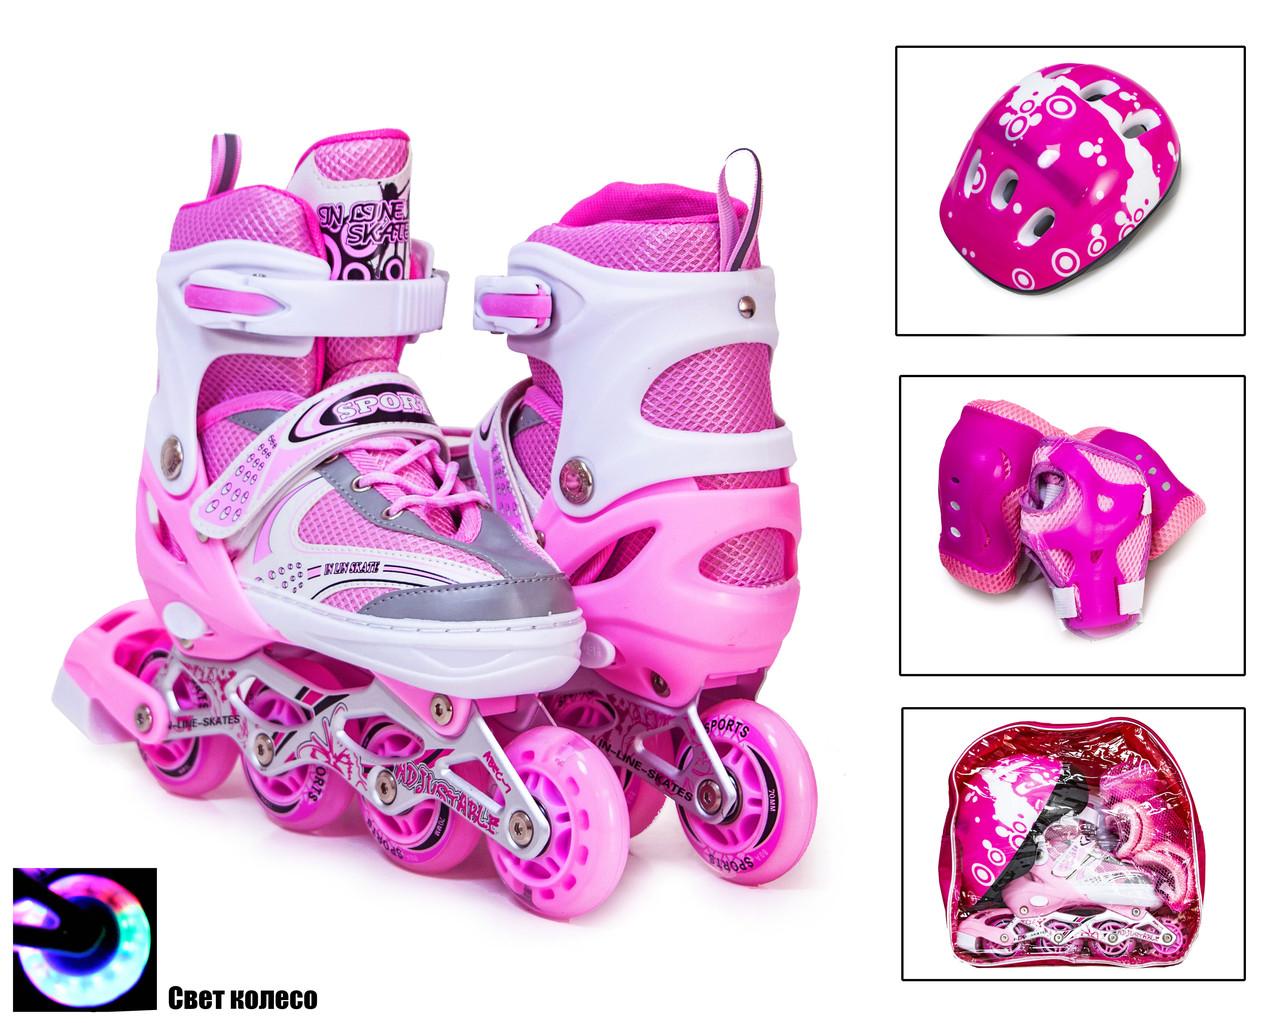 Комплект роликові ковзани Happy Pink розмір 34-37, рожеві, світяться колеса